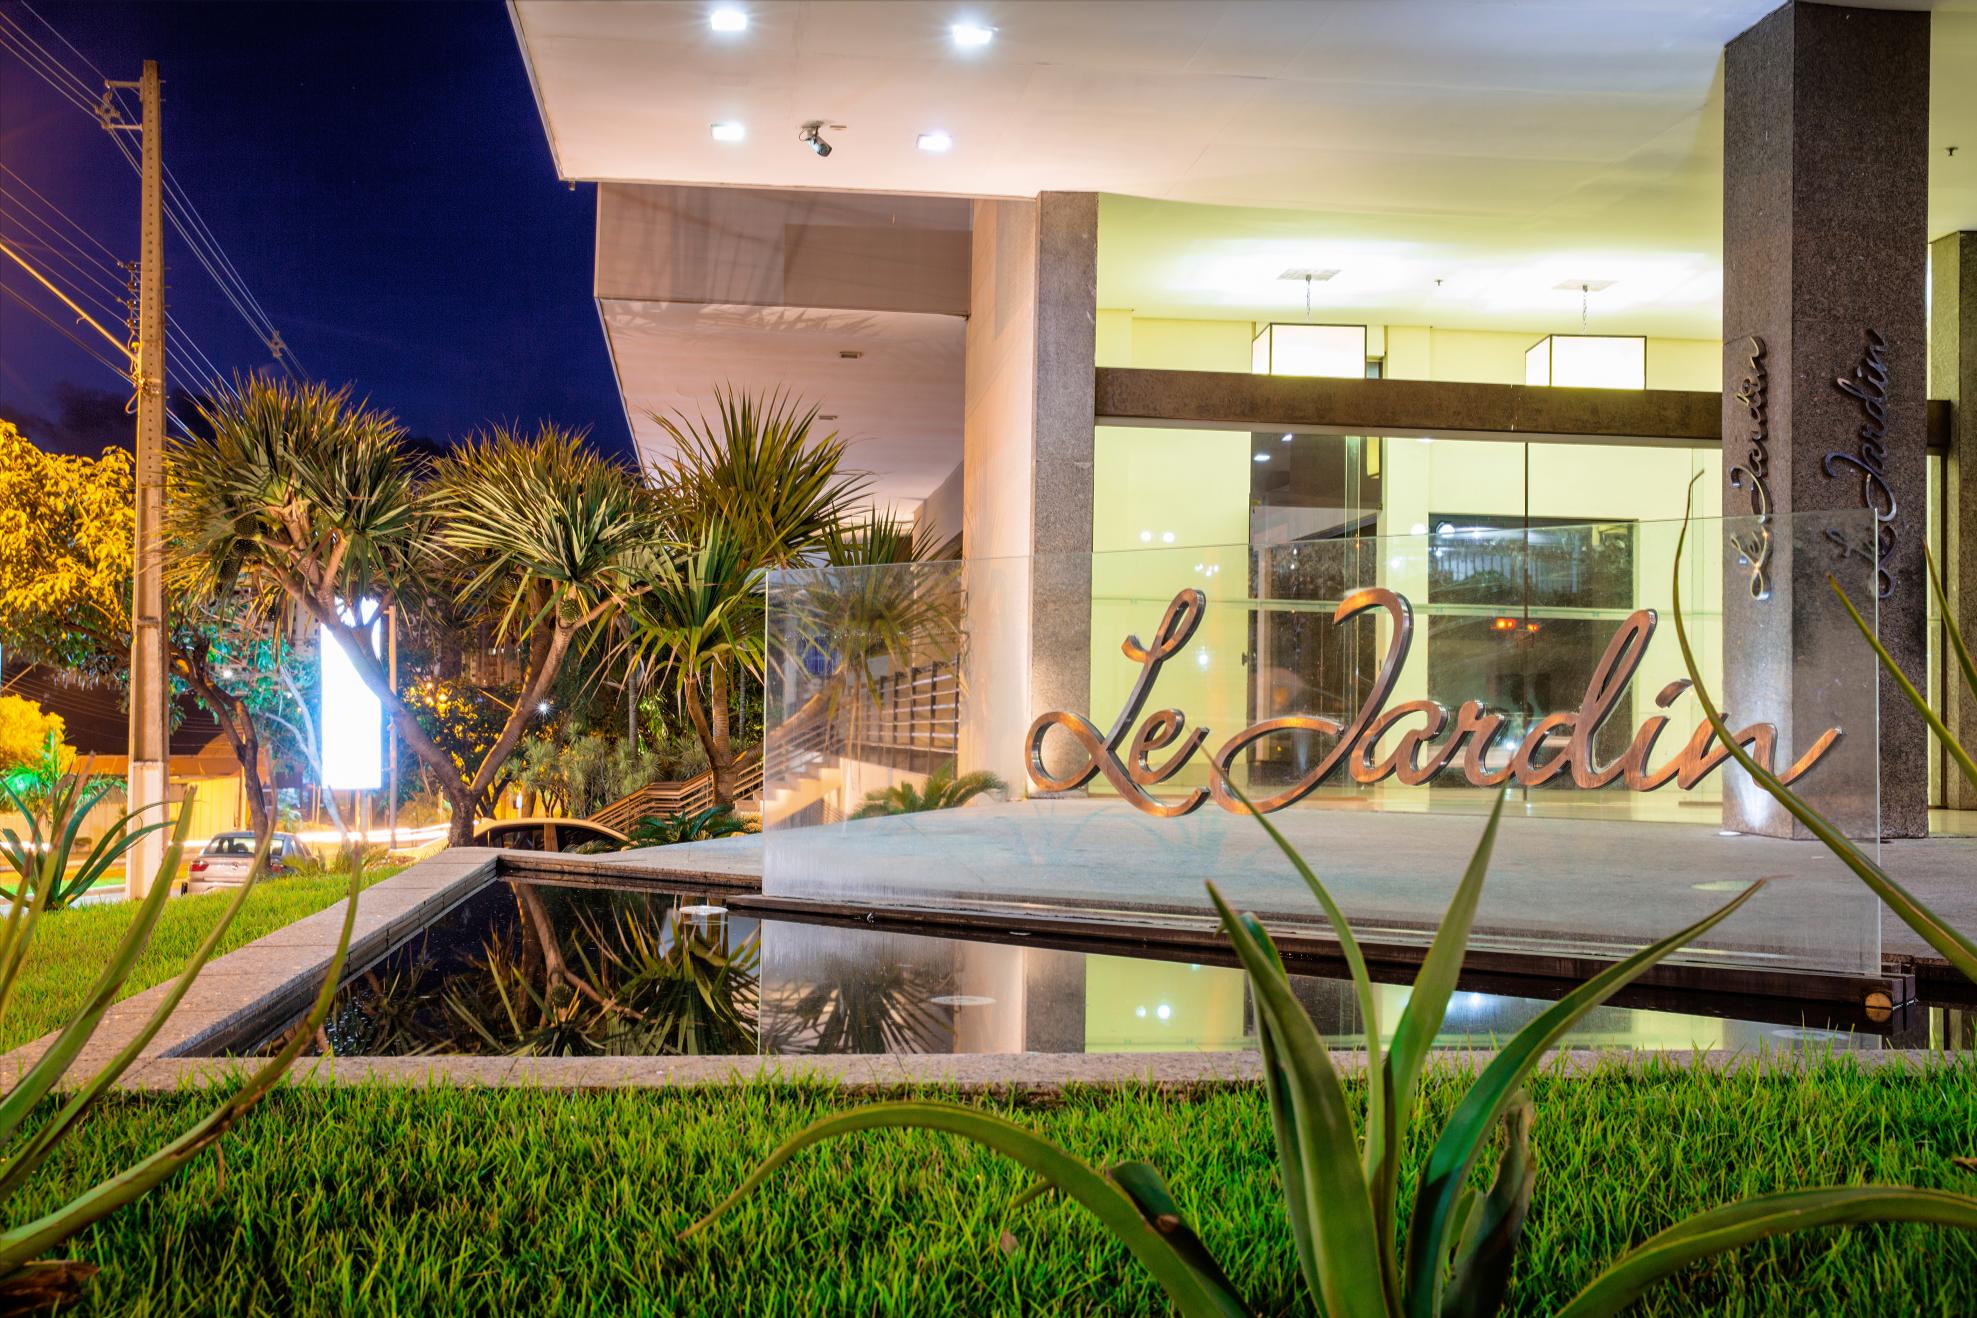 Hotel oferece tarifa promocional no mês de Maio